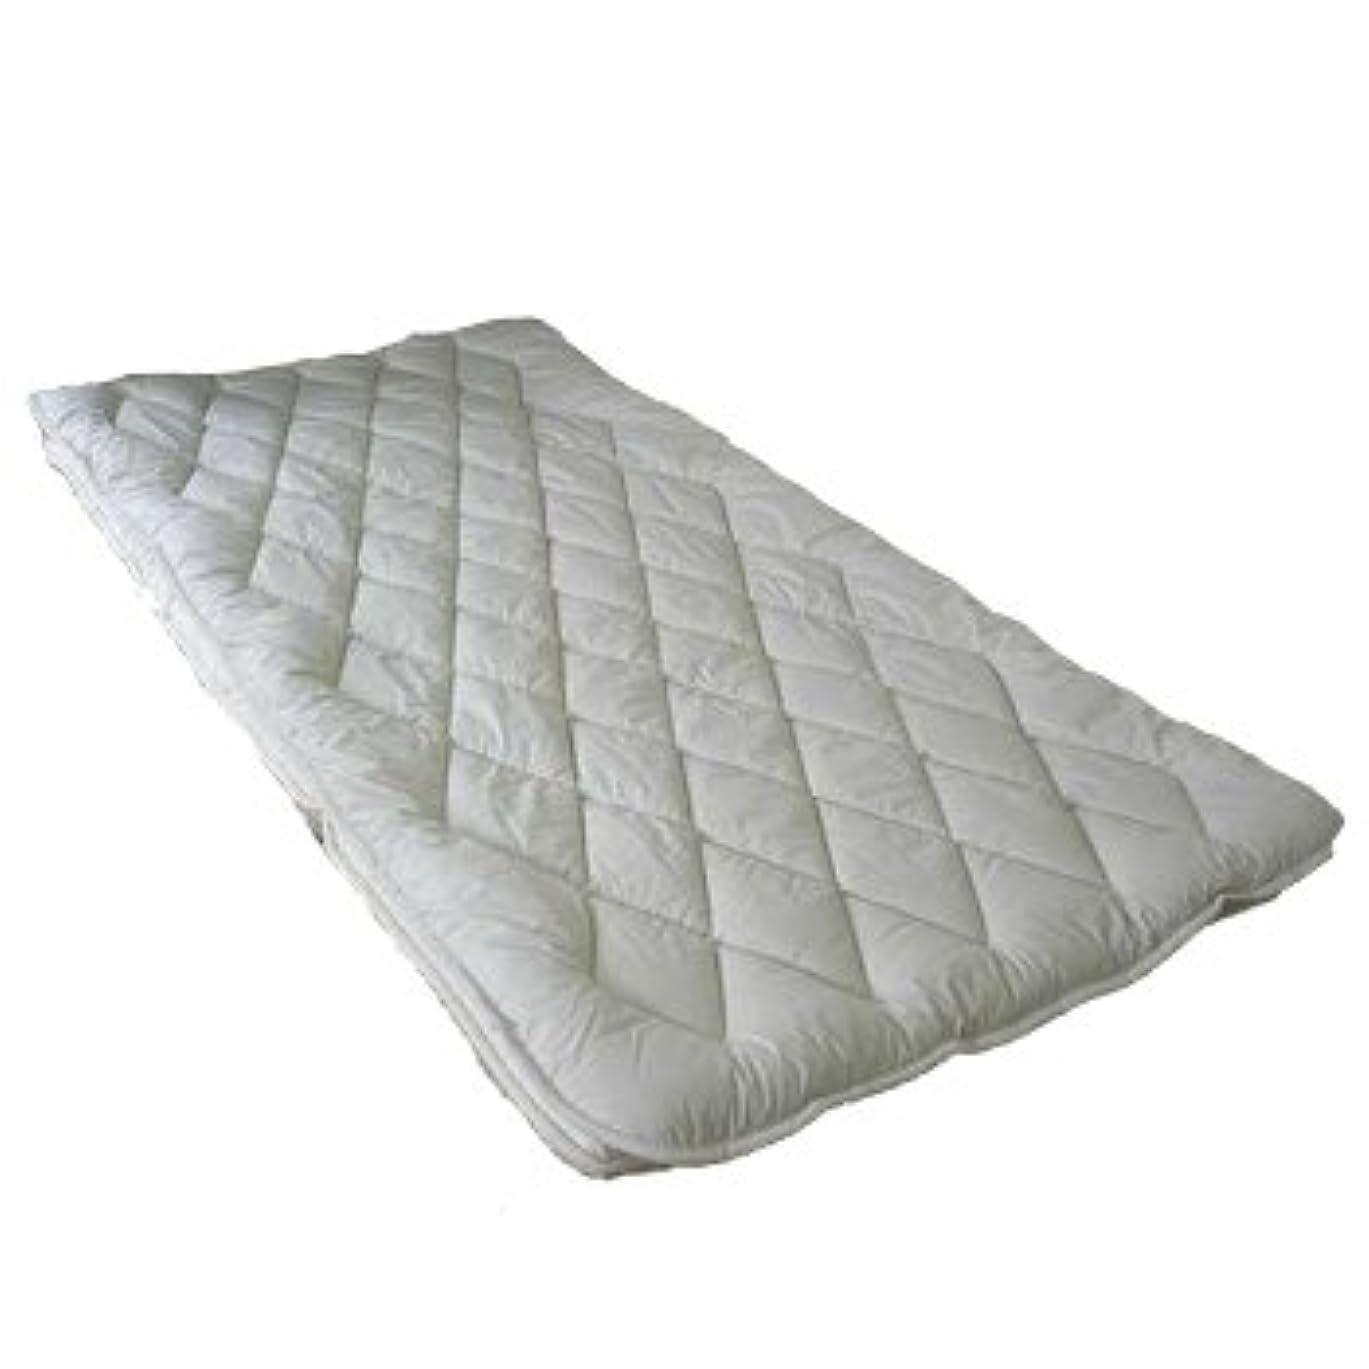 コイル押す行列洗濯機で丸洗いOK フランスウール(洗浄羊毛)100% ベッドパッド クイーン(170×200cm)